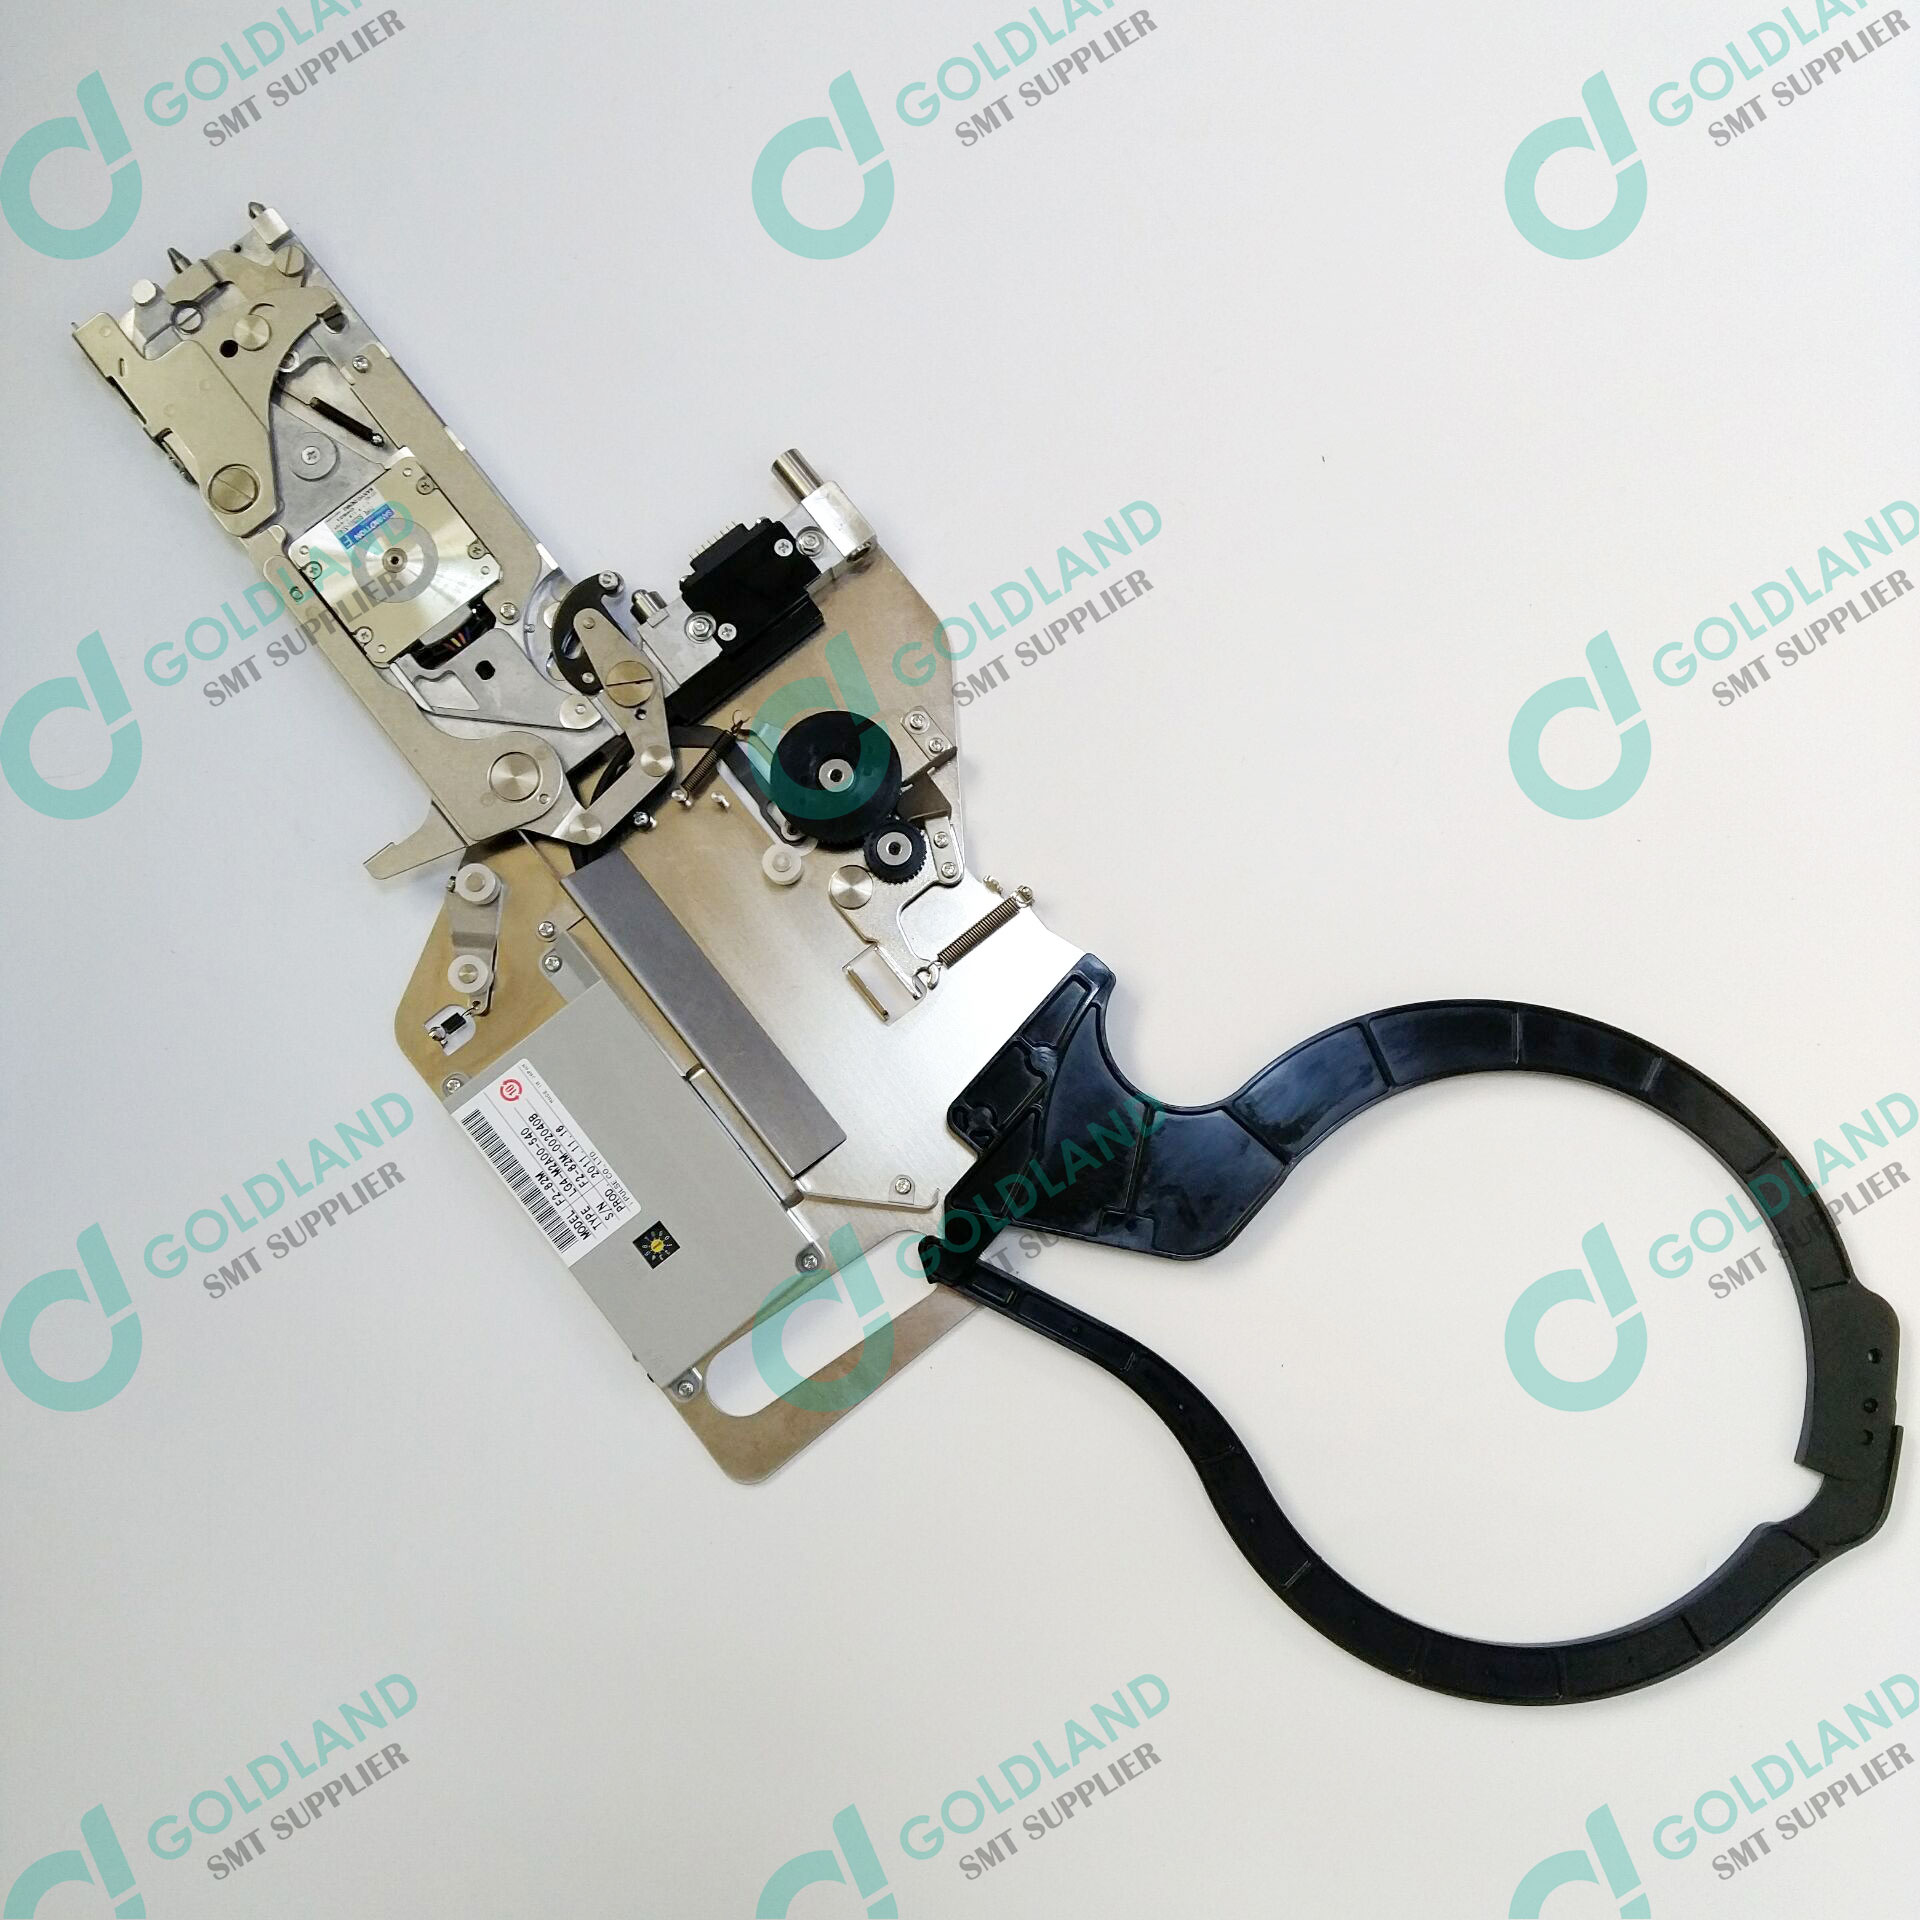 LG4-M2A00-540 F2-82M motorised I-pulse SMT Tape feeders